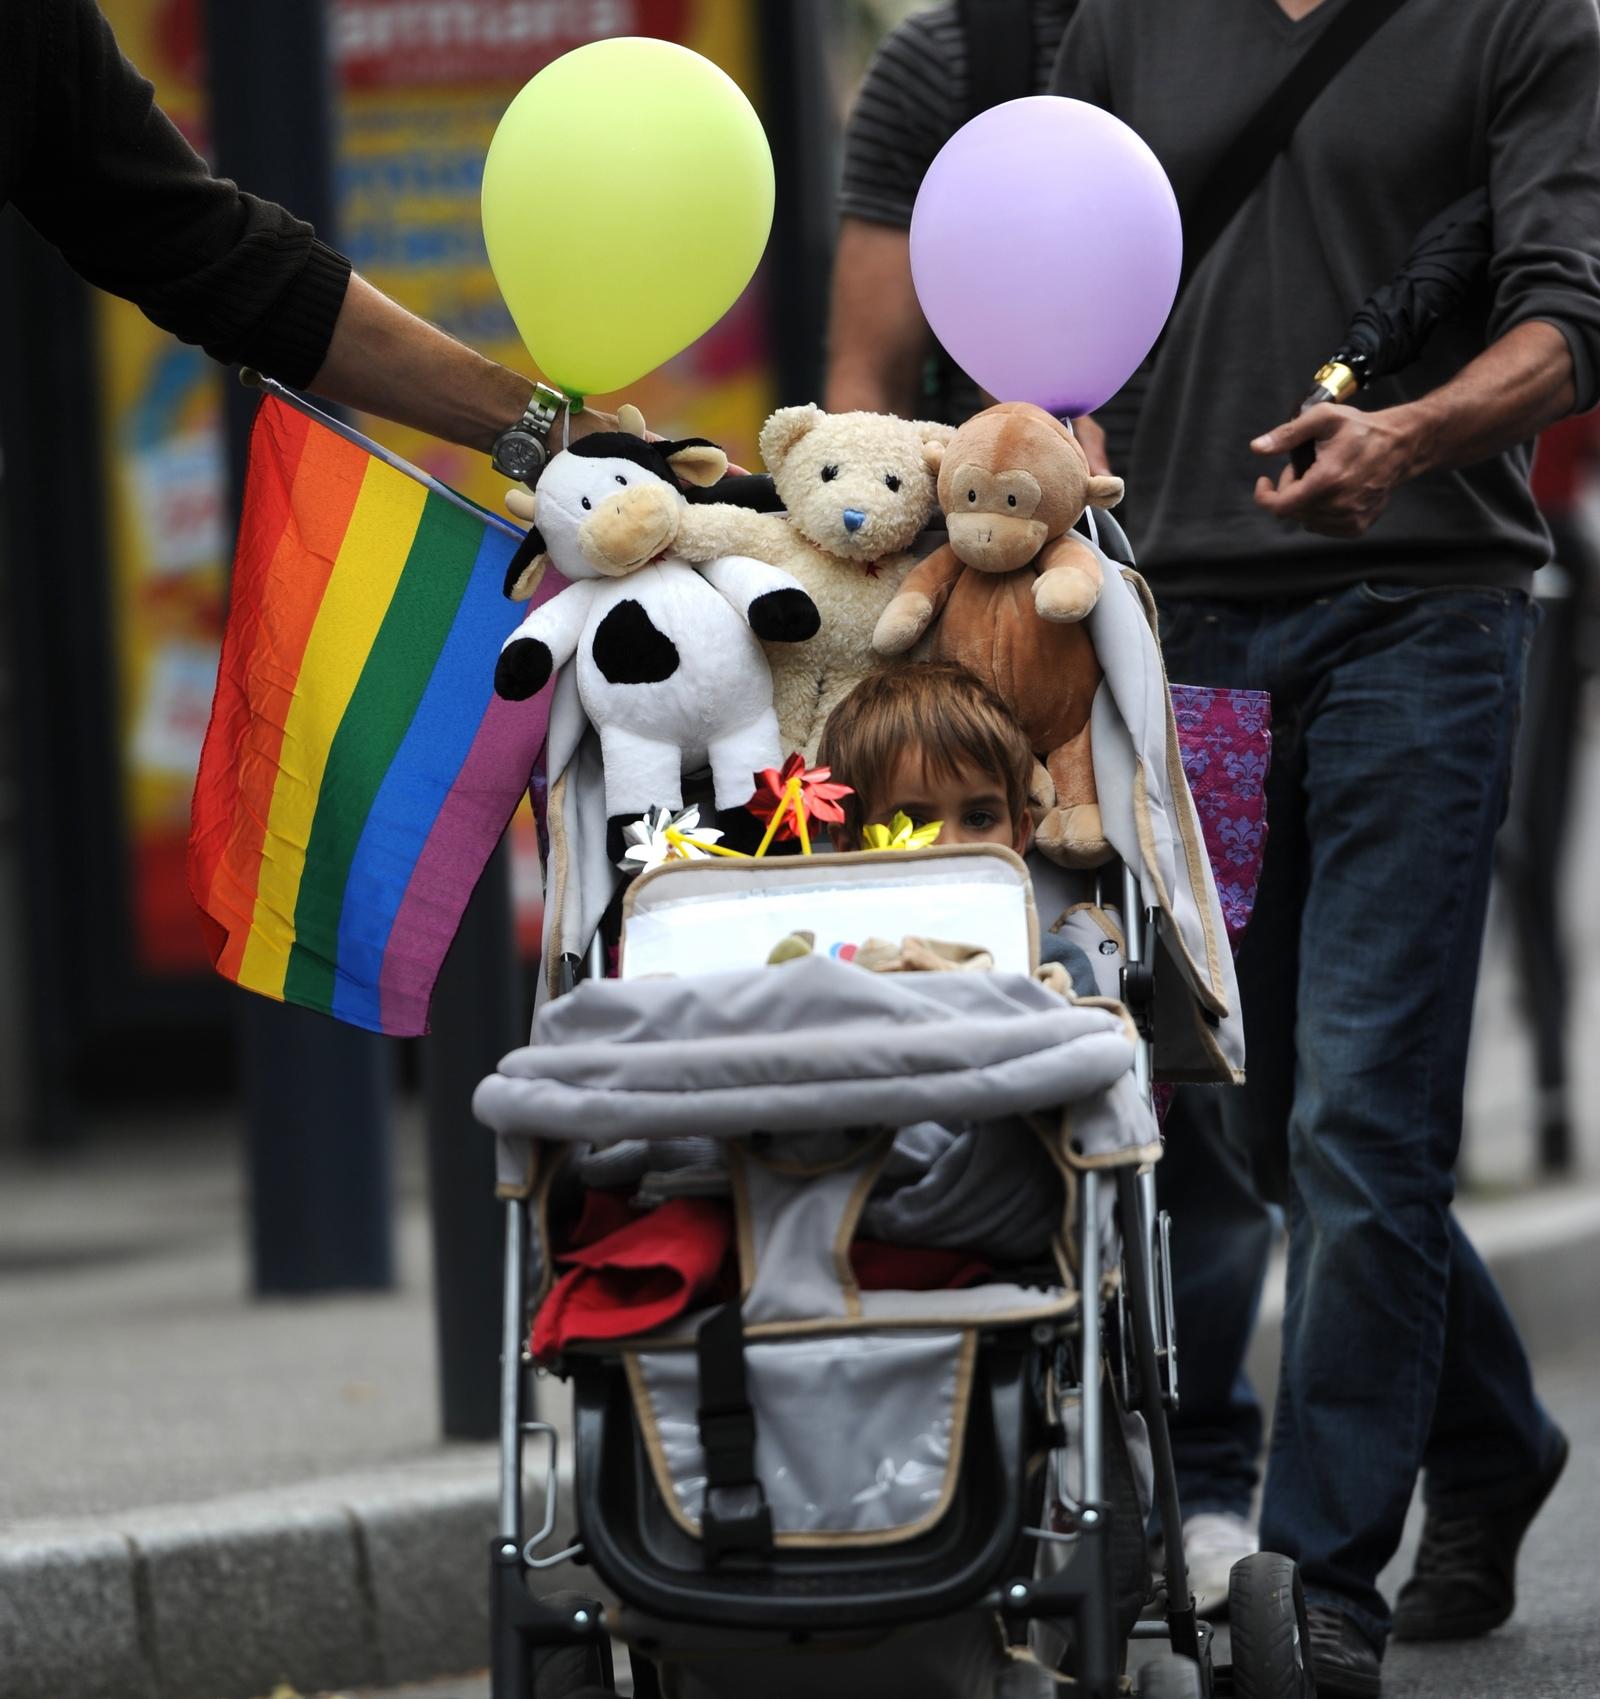 orgullo gay y carrito de ninos